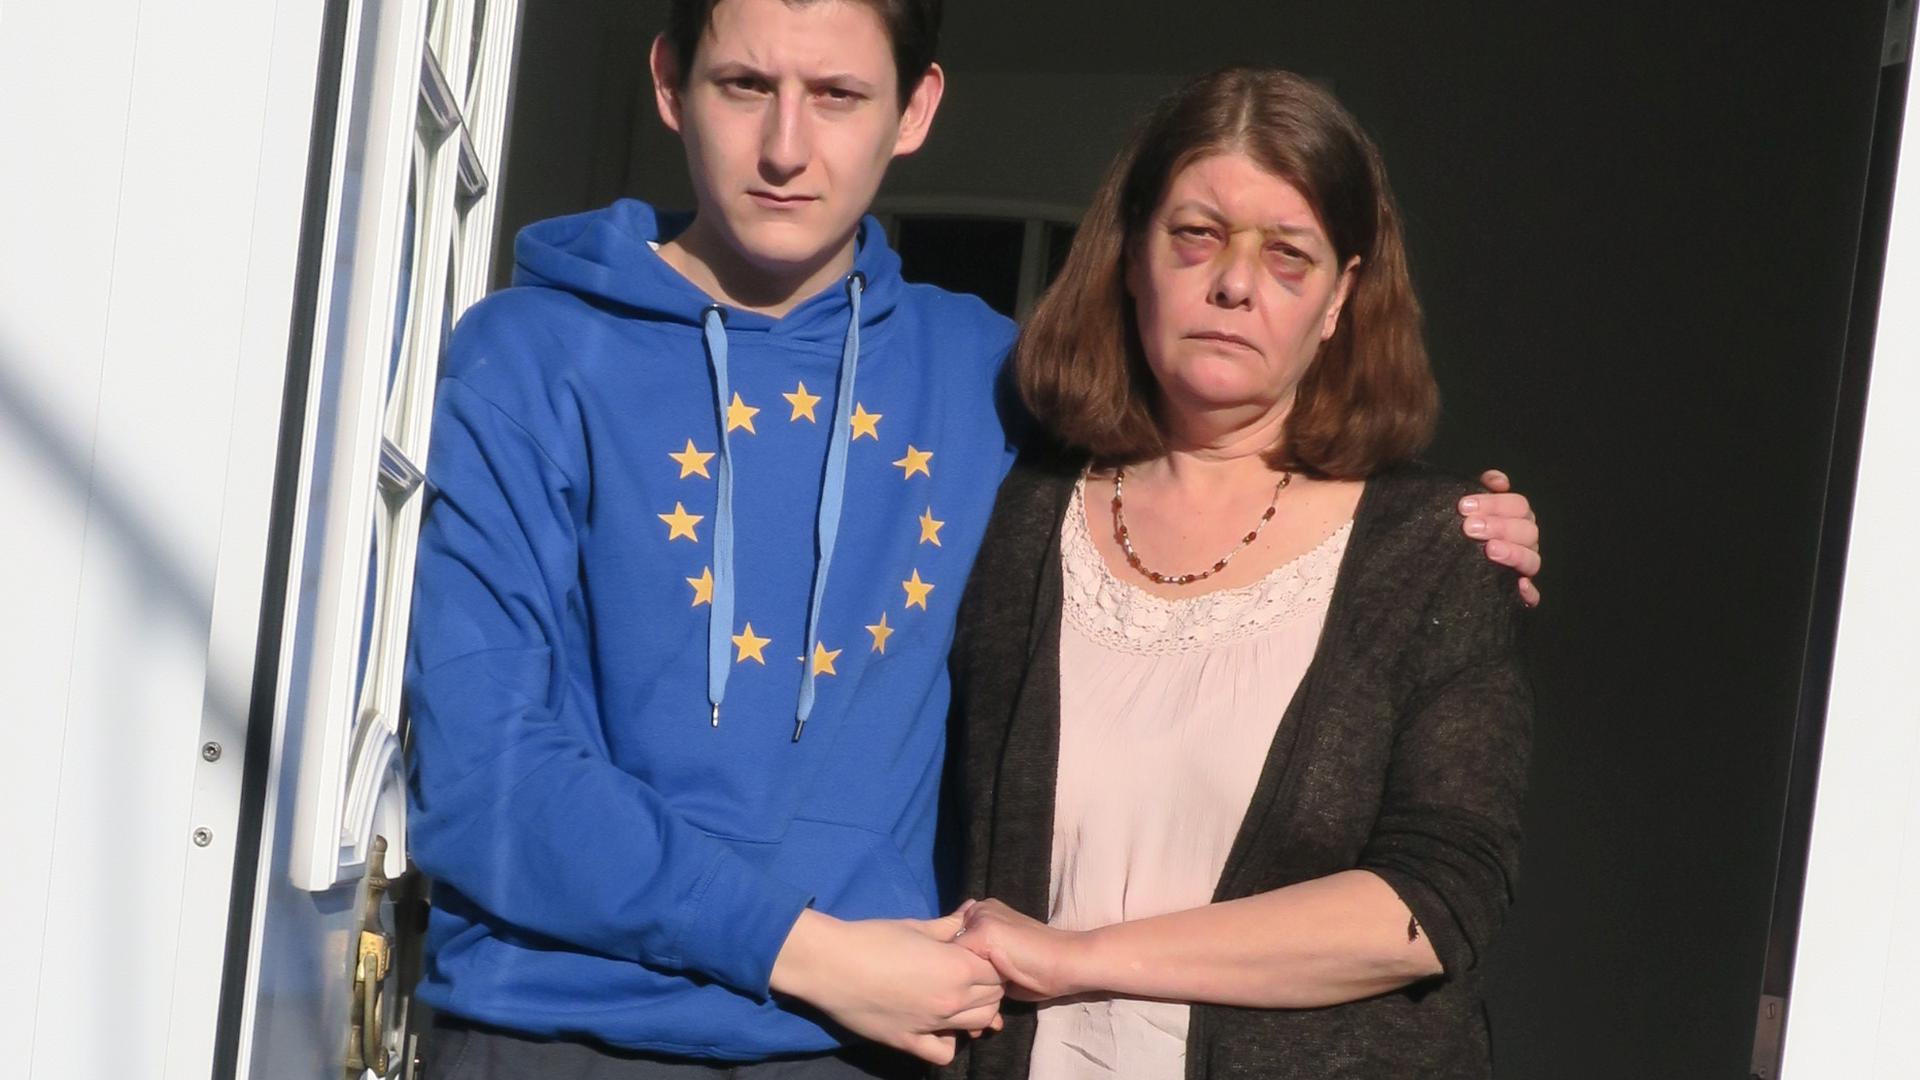 Tätlich angegriffen wurde der Rheinstettener SPD-Vorsitzende Nikolas Karanikolas und seine Mutter in ihrem Haus in Mörsch.